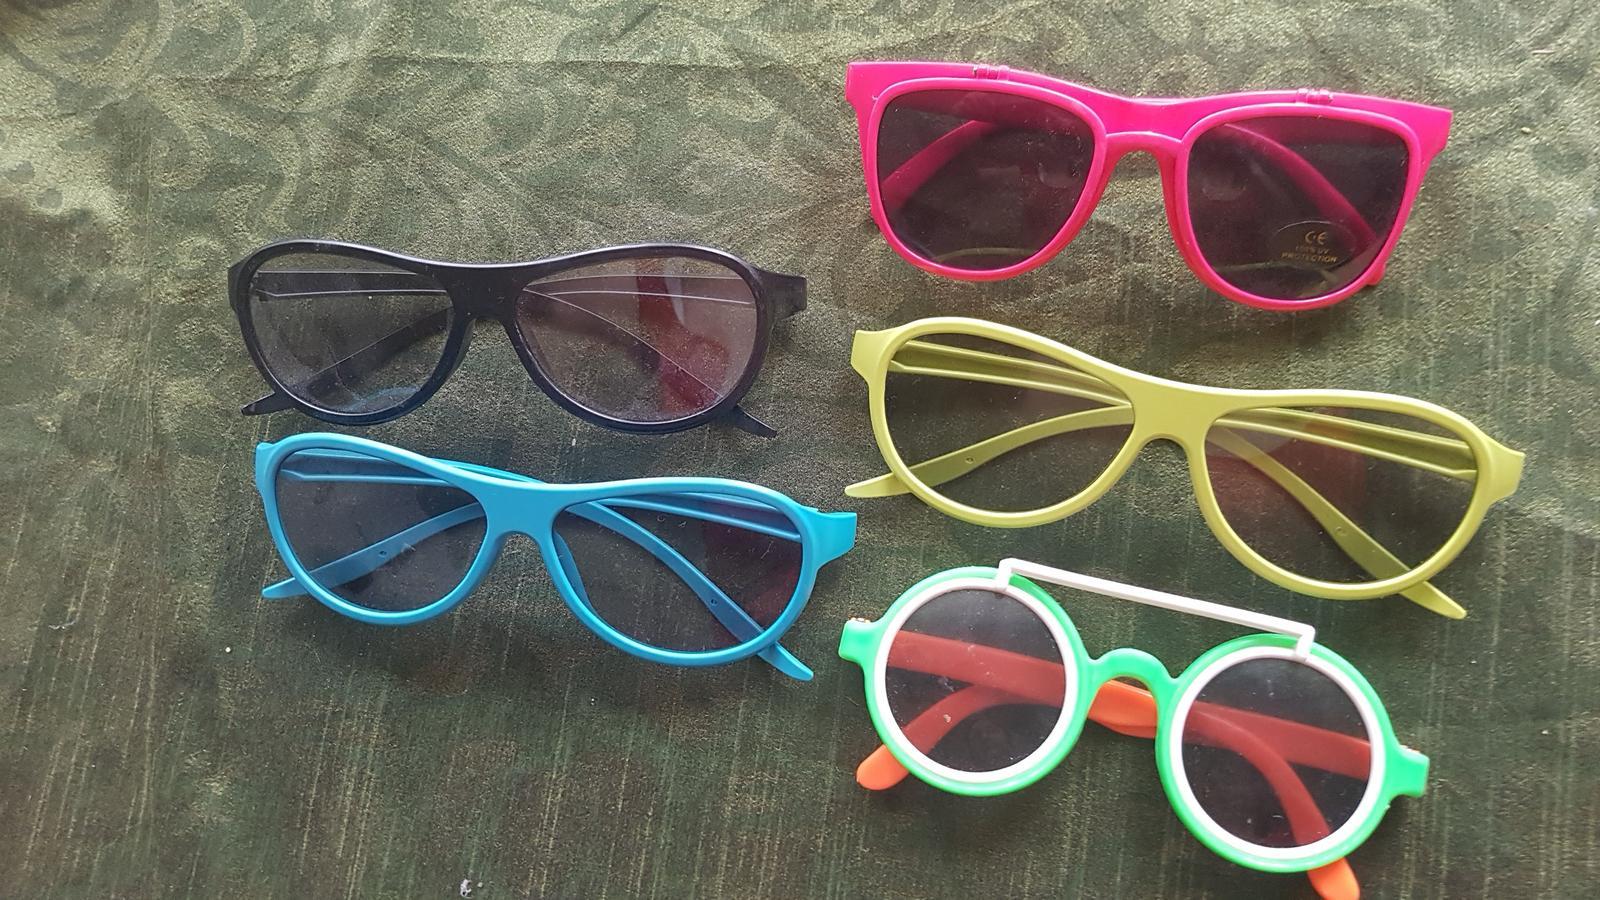 Brýle fotokoutek set 5 kusů - Obrázek č. 1